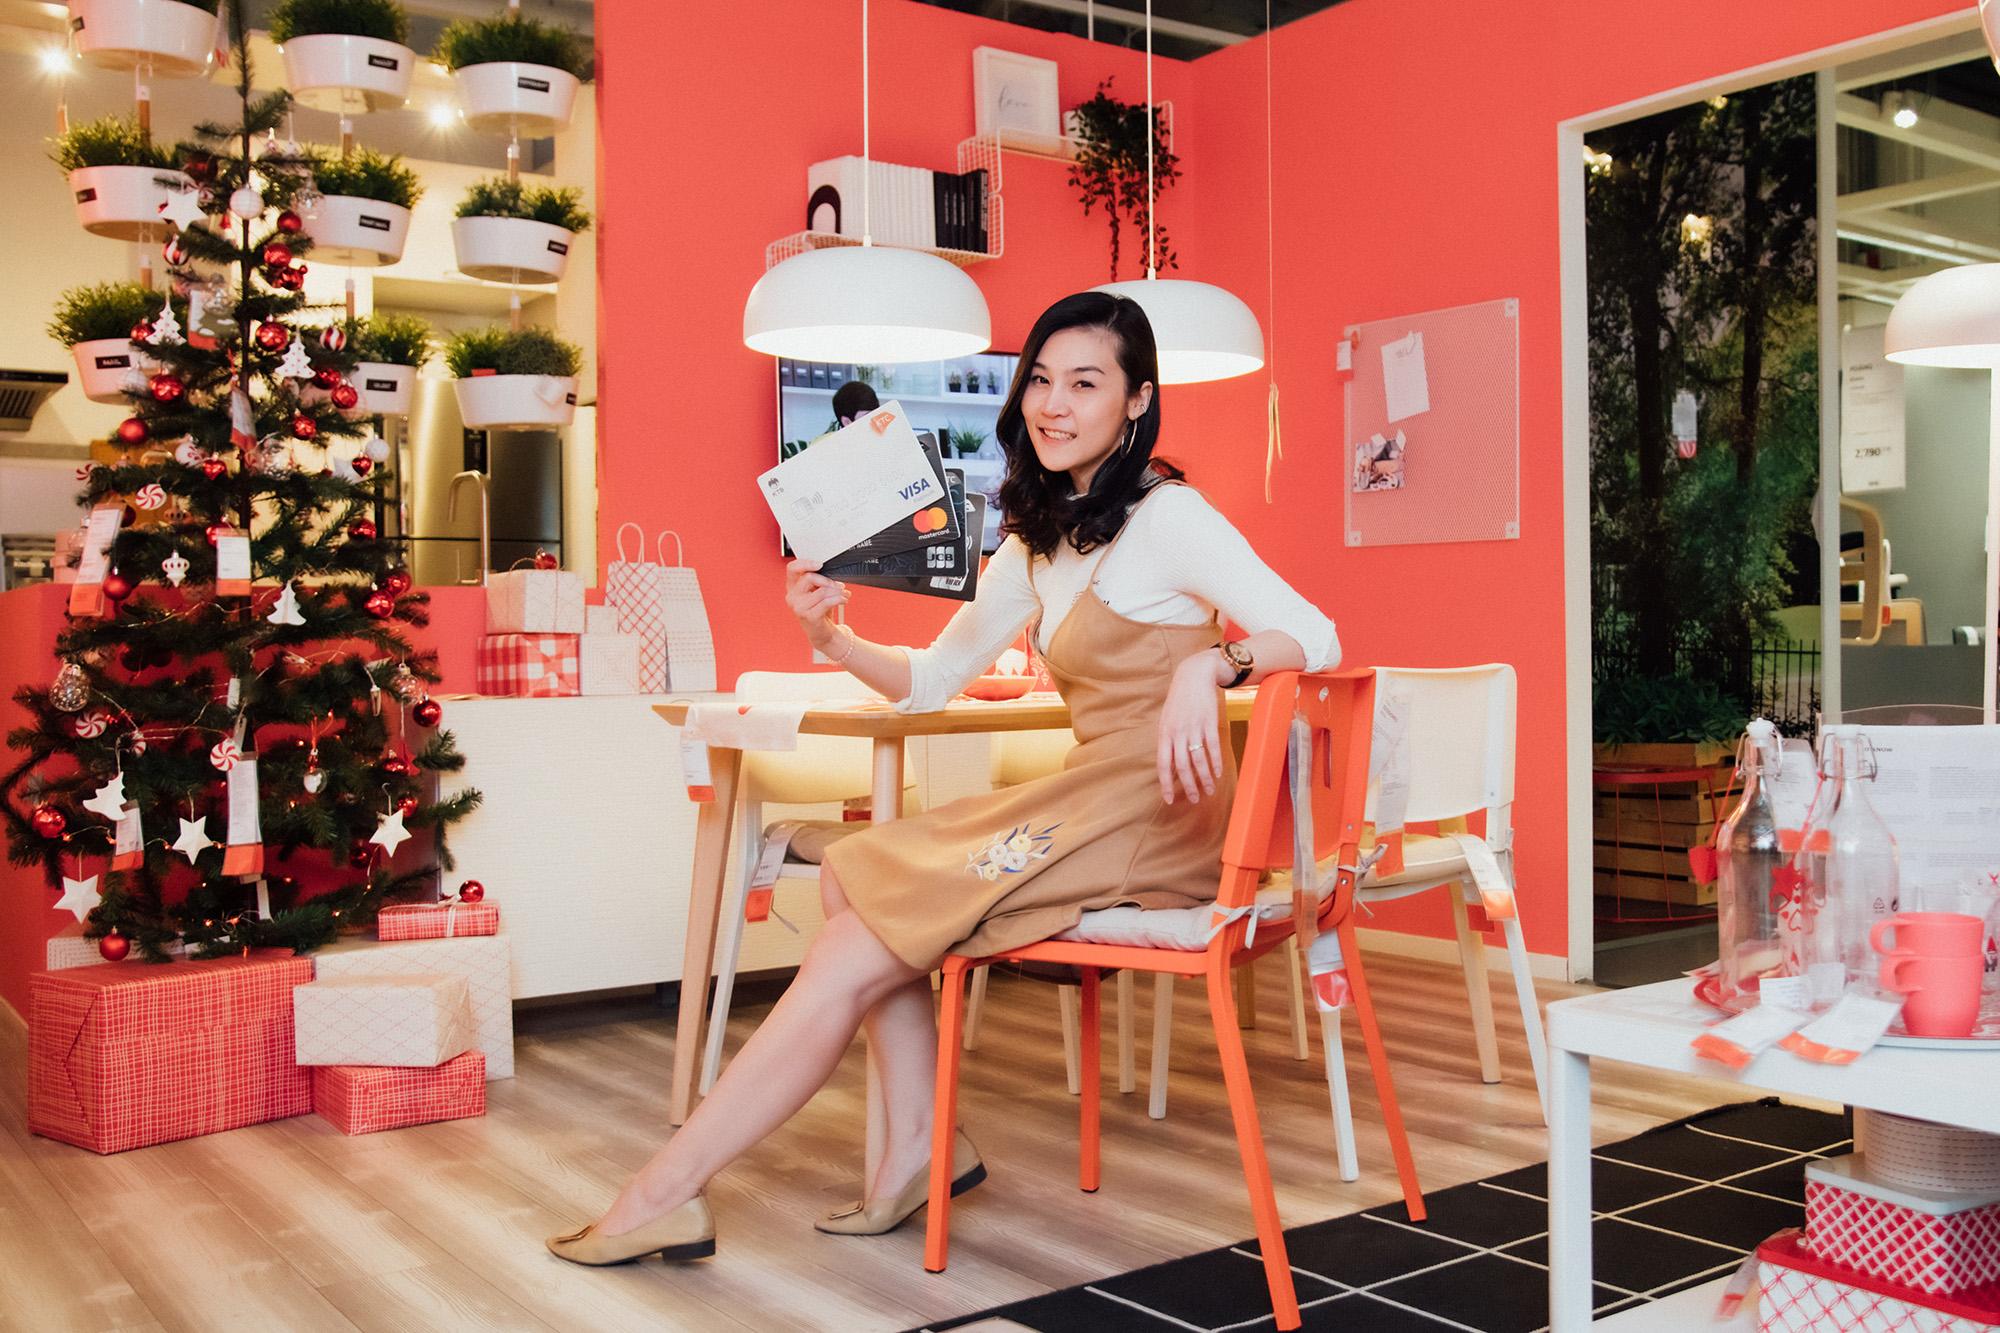 เคทีซีร่วมกับอิเกียฉลองความสุขรับเทศกาลปีใหม่ ช้อปเฟอร์นิเจอร์และของตกแต่งบ้านผ่อน 0% นานสูงสุด 6 เดือน พร้อมรับเครดิตเงินคืน